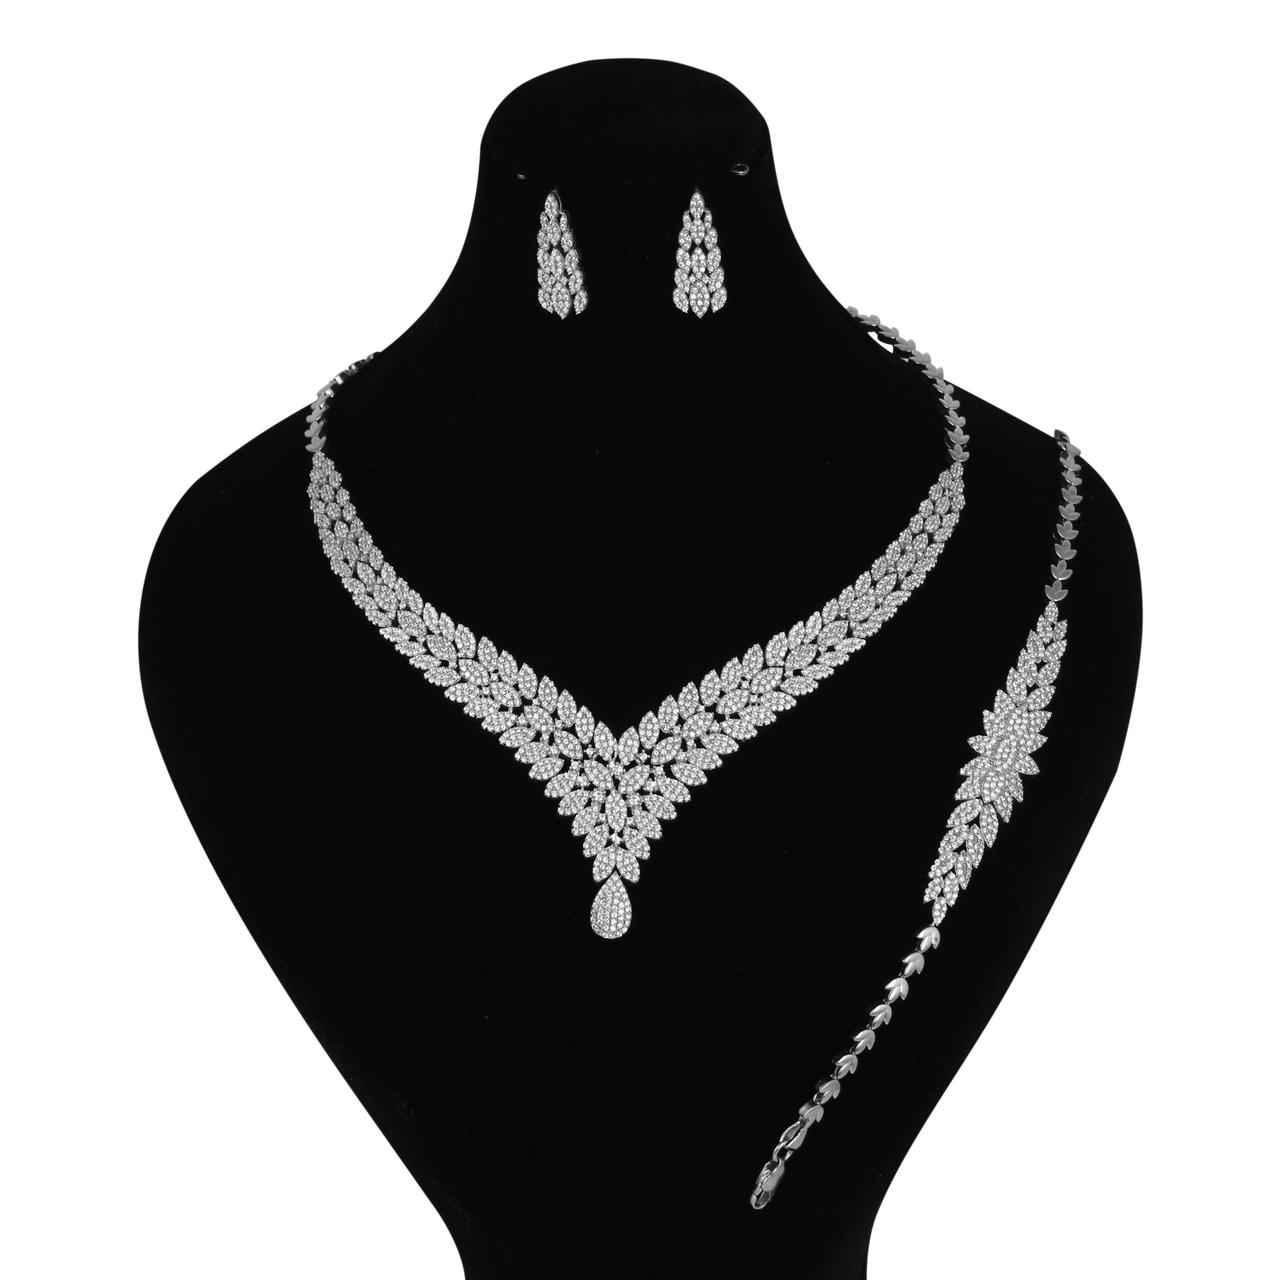 قیمت نیم ست نقره زنانه مدوکلاس کد 180354